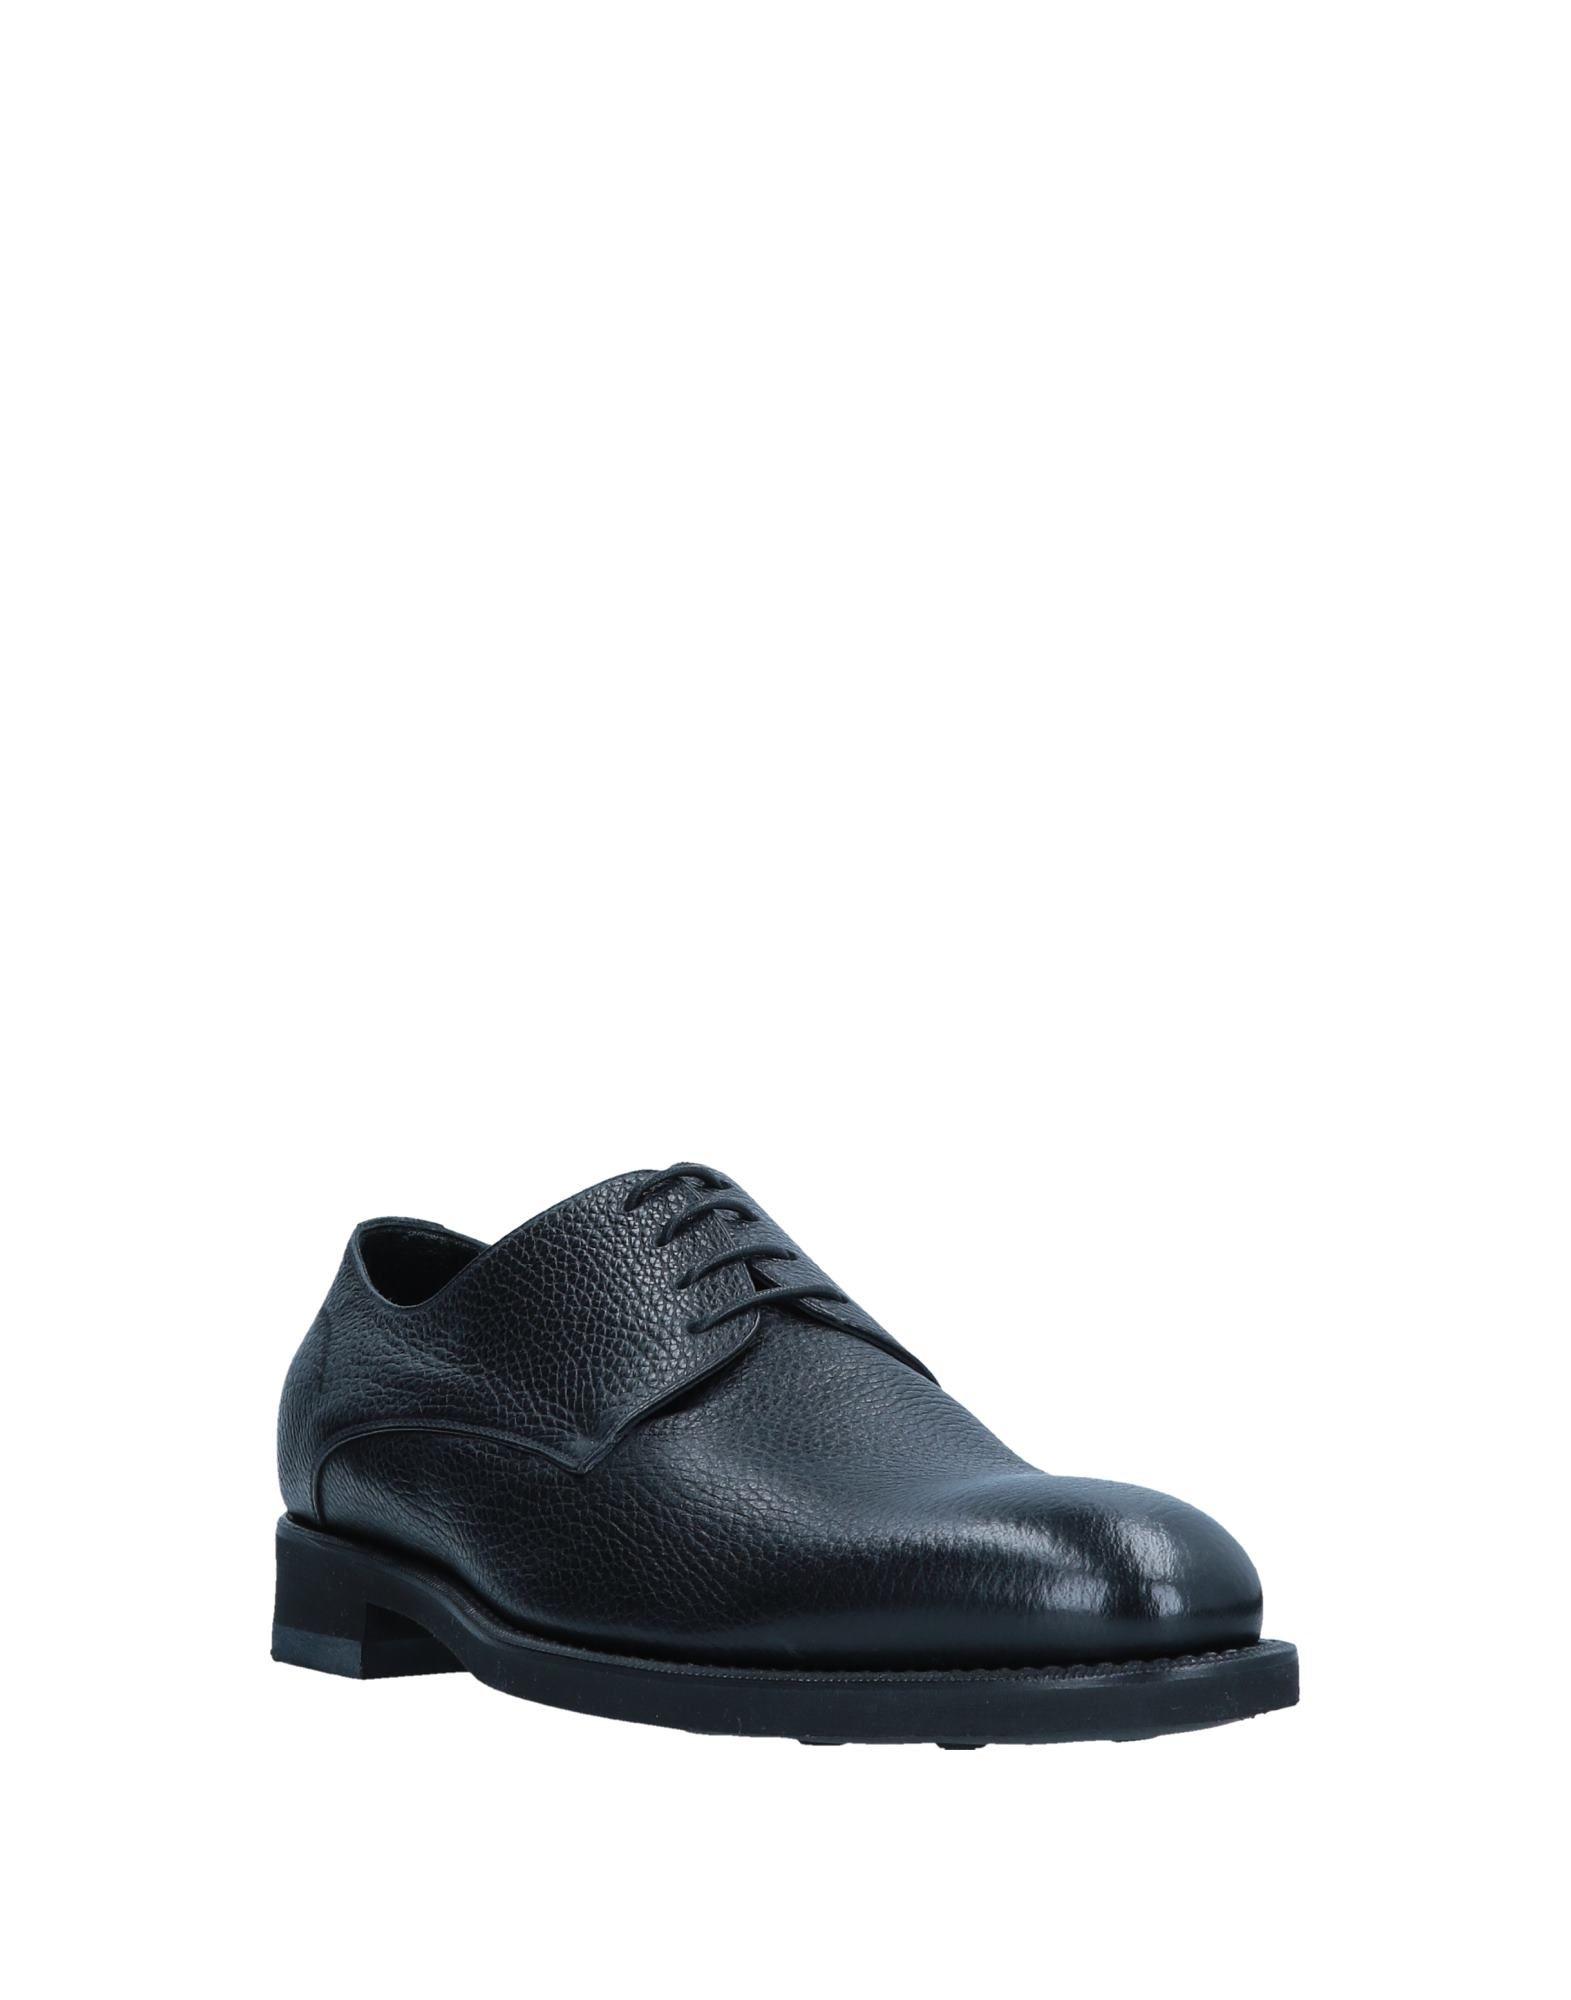 Barrett Schnürschuhe Herren  11548926RL Schuhe Gute Qualität beliebte Schuhe 11548926RL ff1e7b